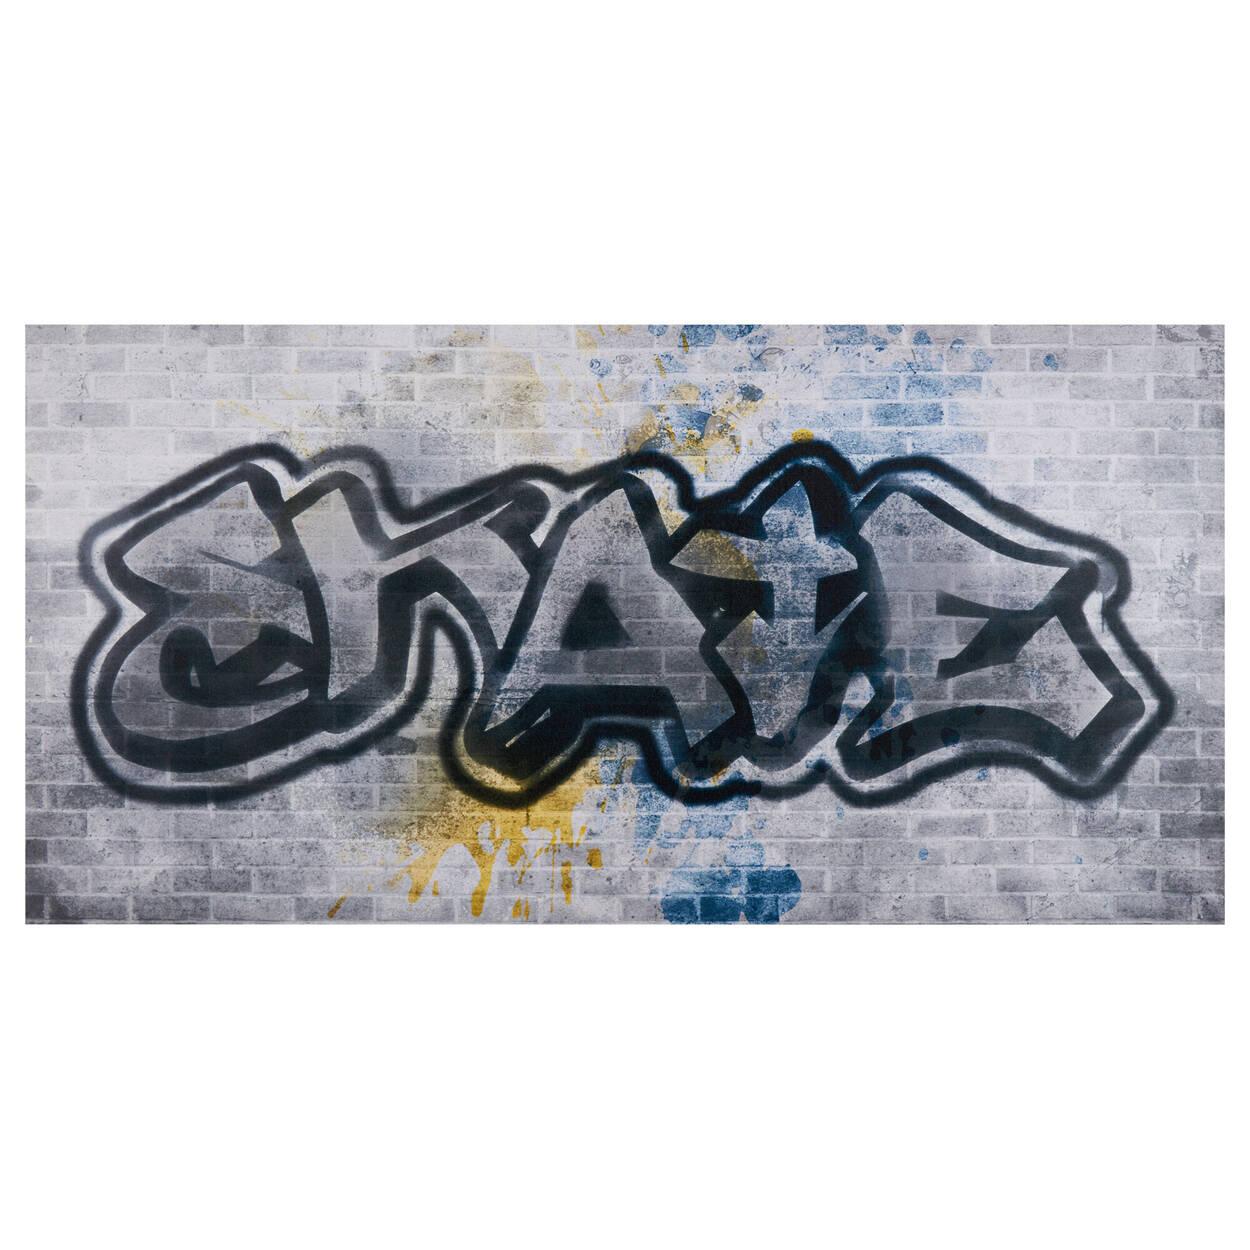 Tableau imprimé style graffiti Skate